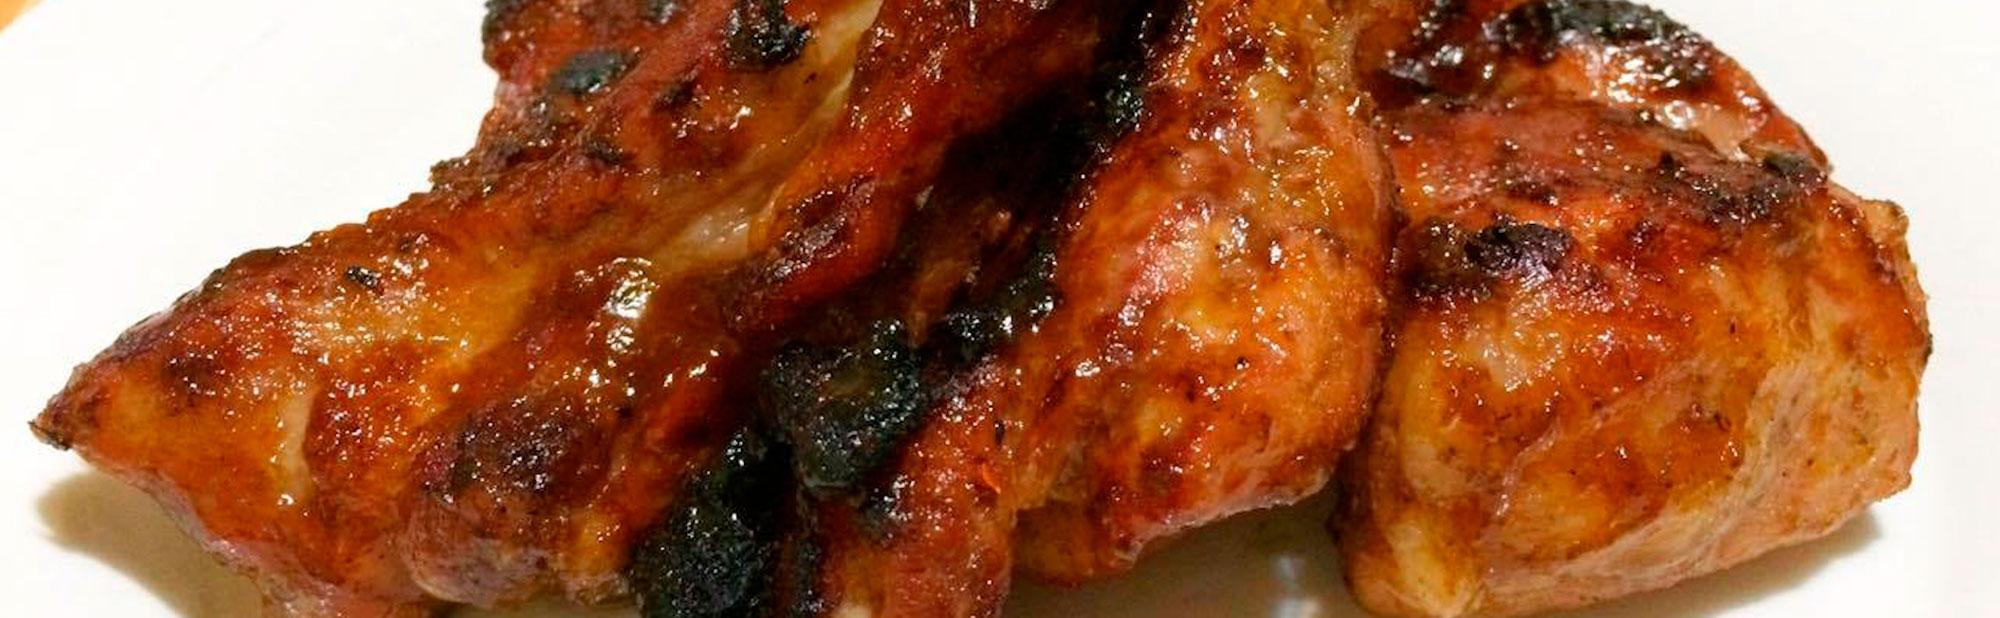 La Antojadera | Costillas de Cerdo a la BBQ